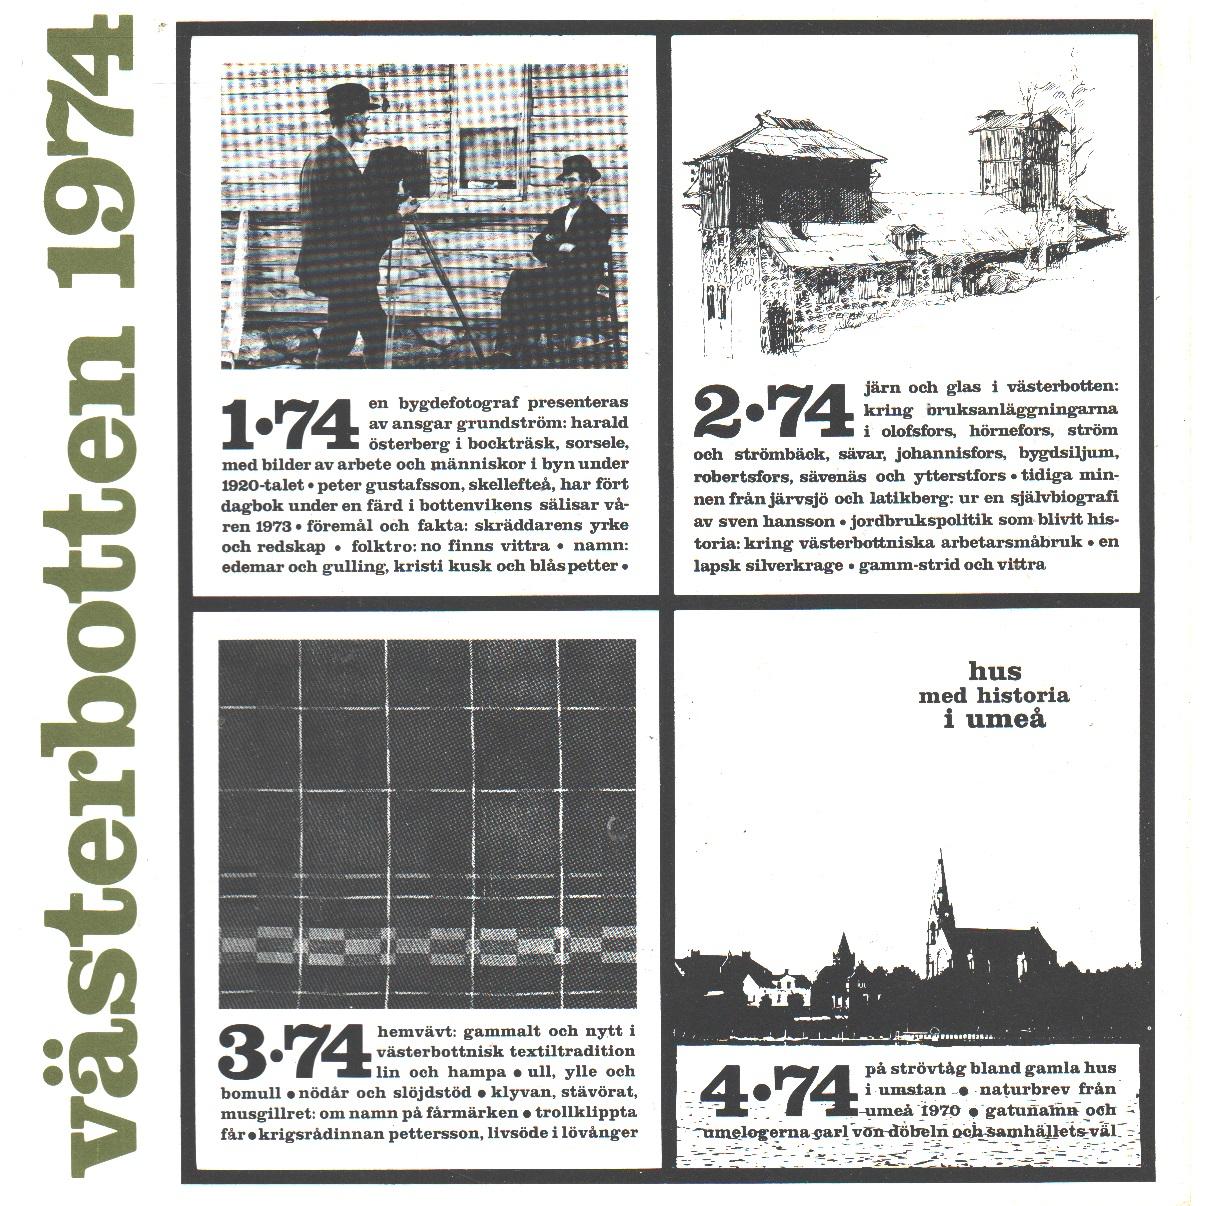 Västerbotten : Västerbottens läns hembygdsförenings årsbok 1974 - Red.